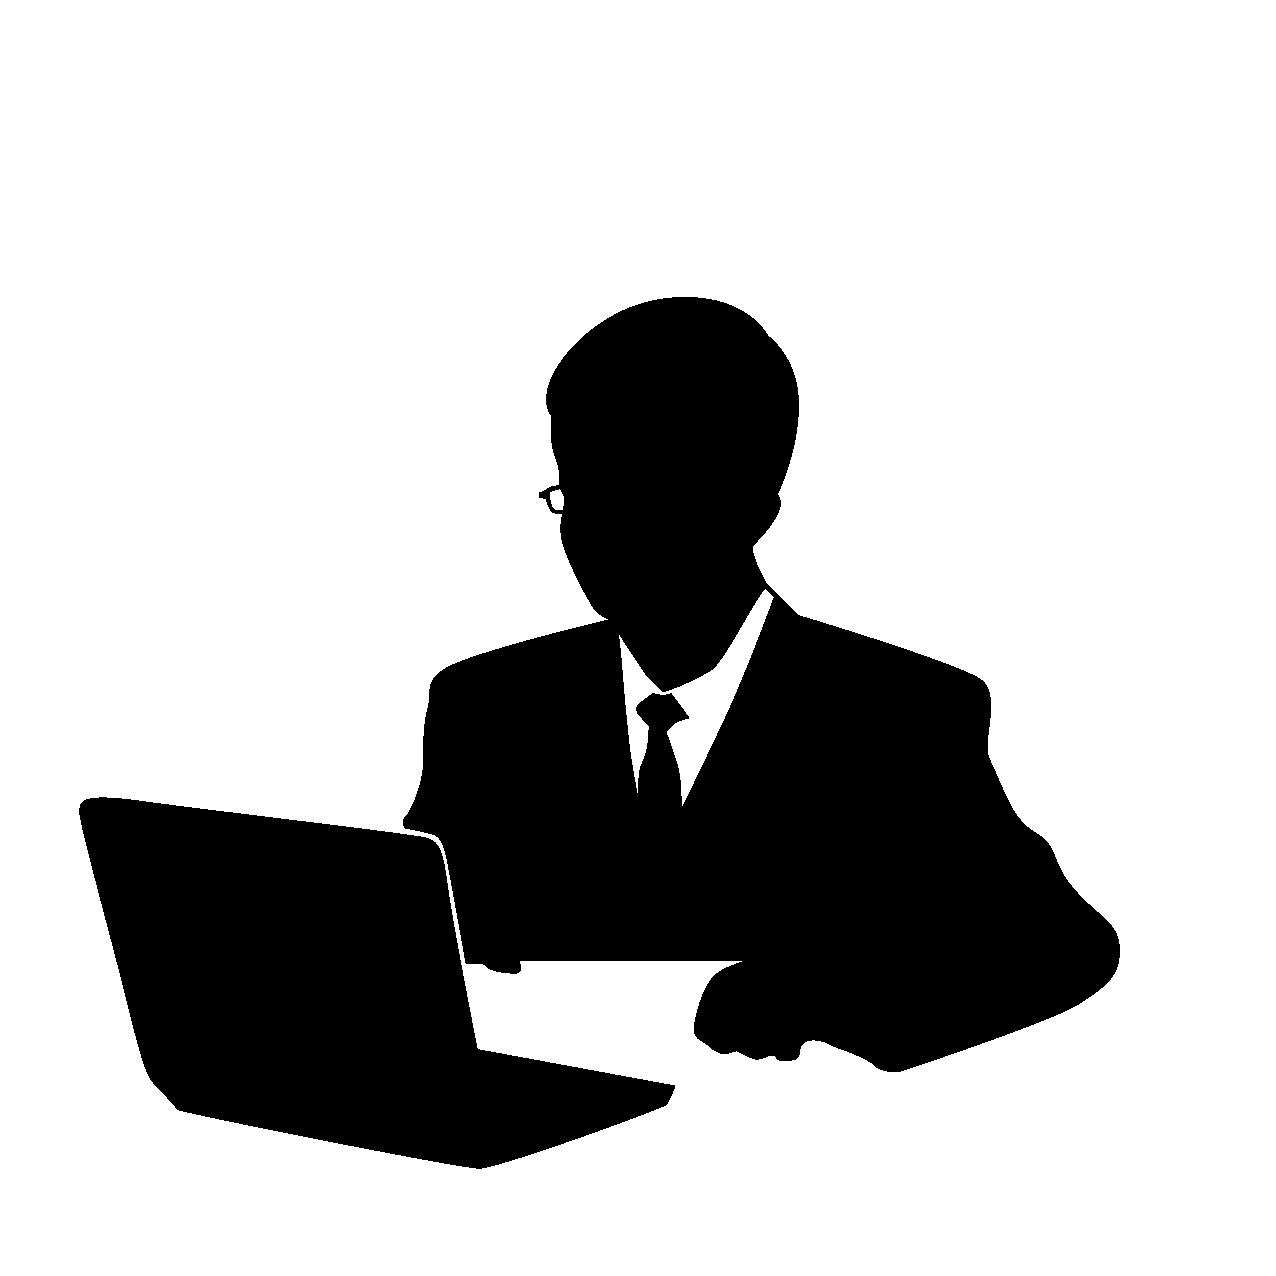 「非常に見やすいレポートでびっくりしました。他のSEO会社のレポートと比べても見やすさはダントツだと思います。」慶應義塾大学ジャカルタ三田会ウェブ幹事 清水樹様